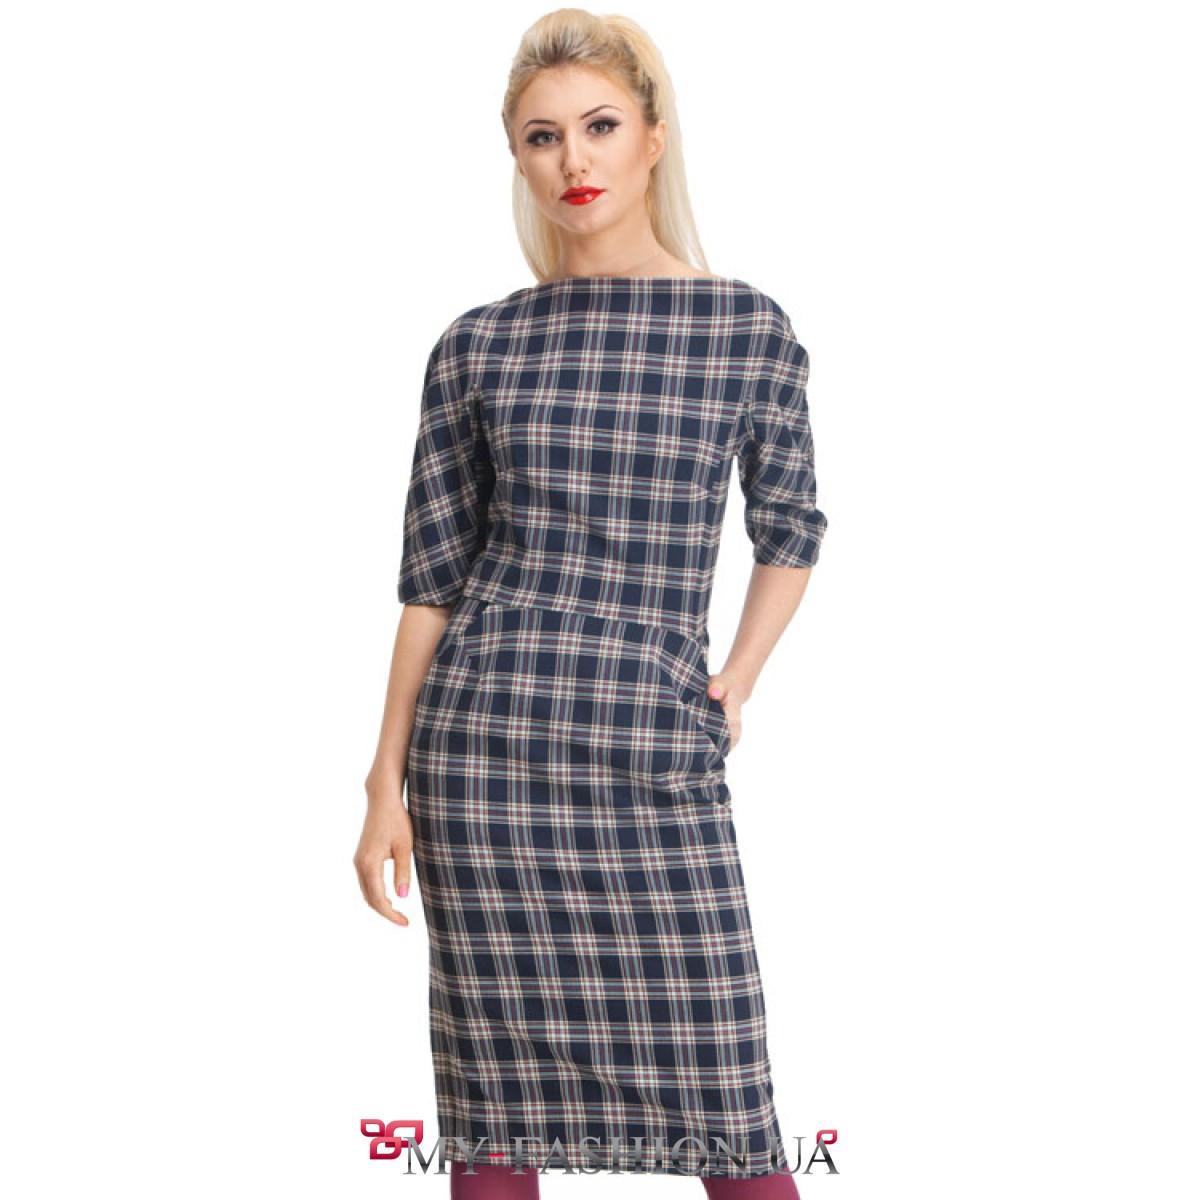 Одежда Болеро Женская